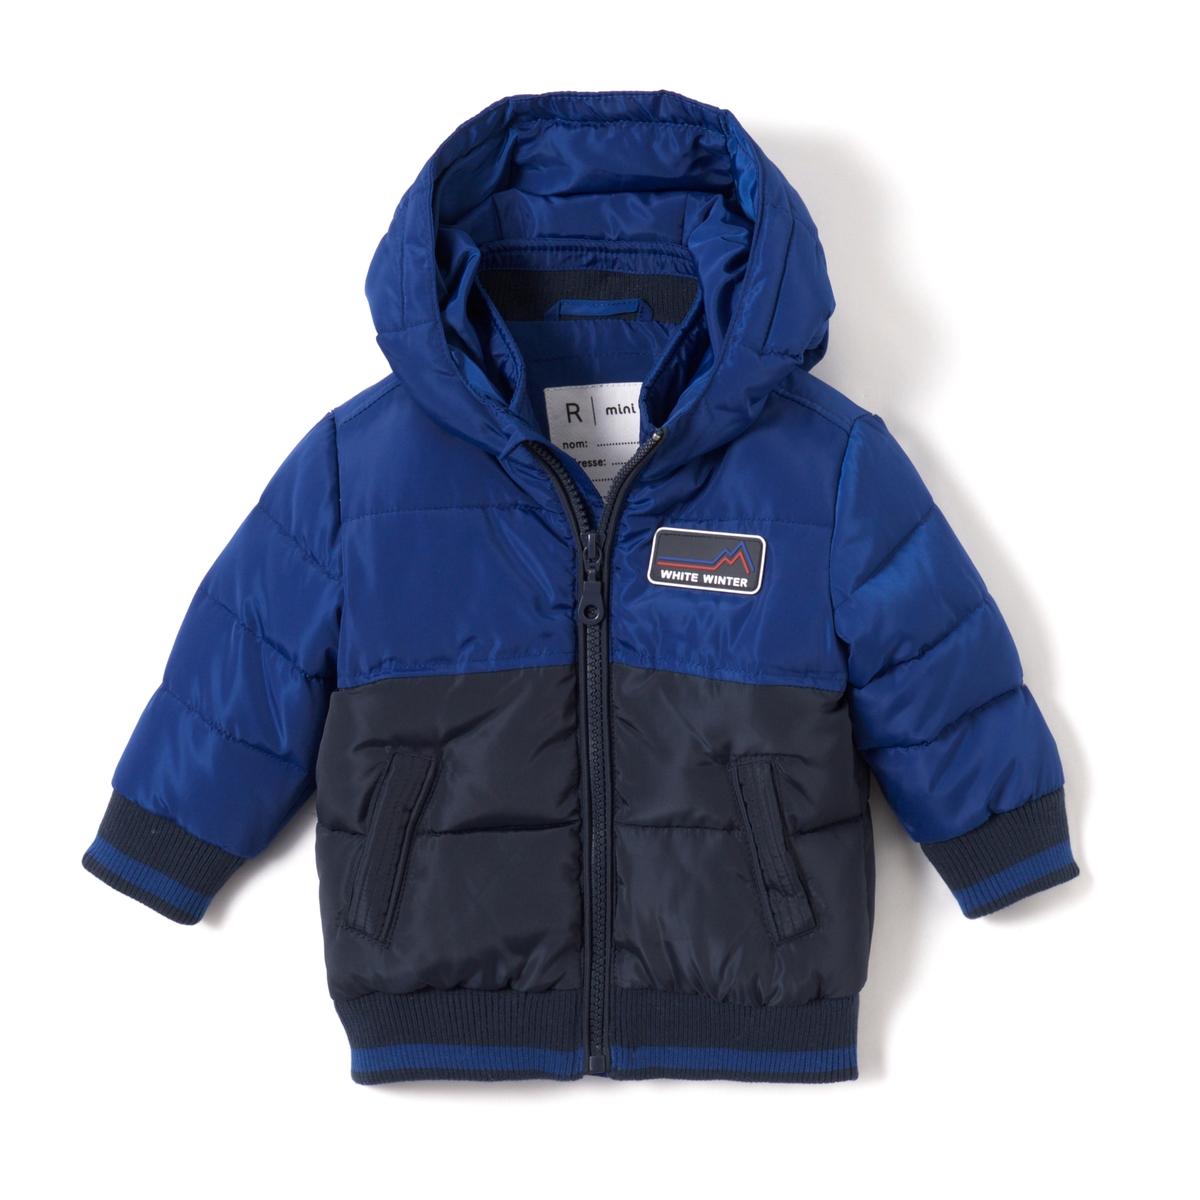 Куртка стеганная двухцветная с капюшоном, 1 мес.- 3 летОписание:Детали •  Зимняя модель •  Непромокаемая •  Застежка на молнию •  С капюшоном •  Длина : средняяСостав и уход •  100% полиэстер •  Подкладка : 100% полиэстер •  Наполнитель : 100% полиэстер •  Температура стирки 30° на деликатном режиме •  Сухая чистка и отбеливание запрещены •  Не использовать барабанную сушку •  Не гладить<br><br>Цвет: синий/ серый<br>Размер: 1 мес. - 54 см.1 год - 74 см.6 мес. - 67 см.3 мес. - 60 см